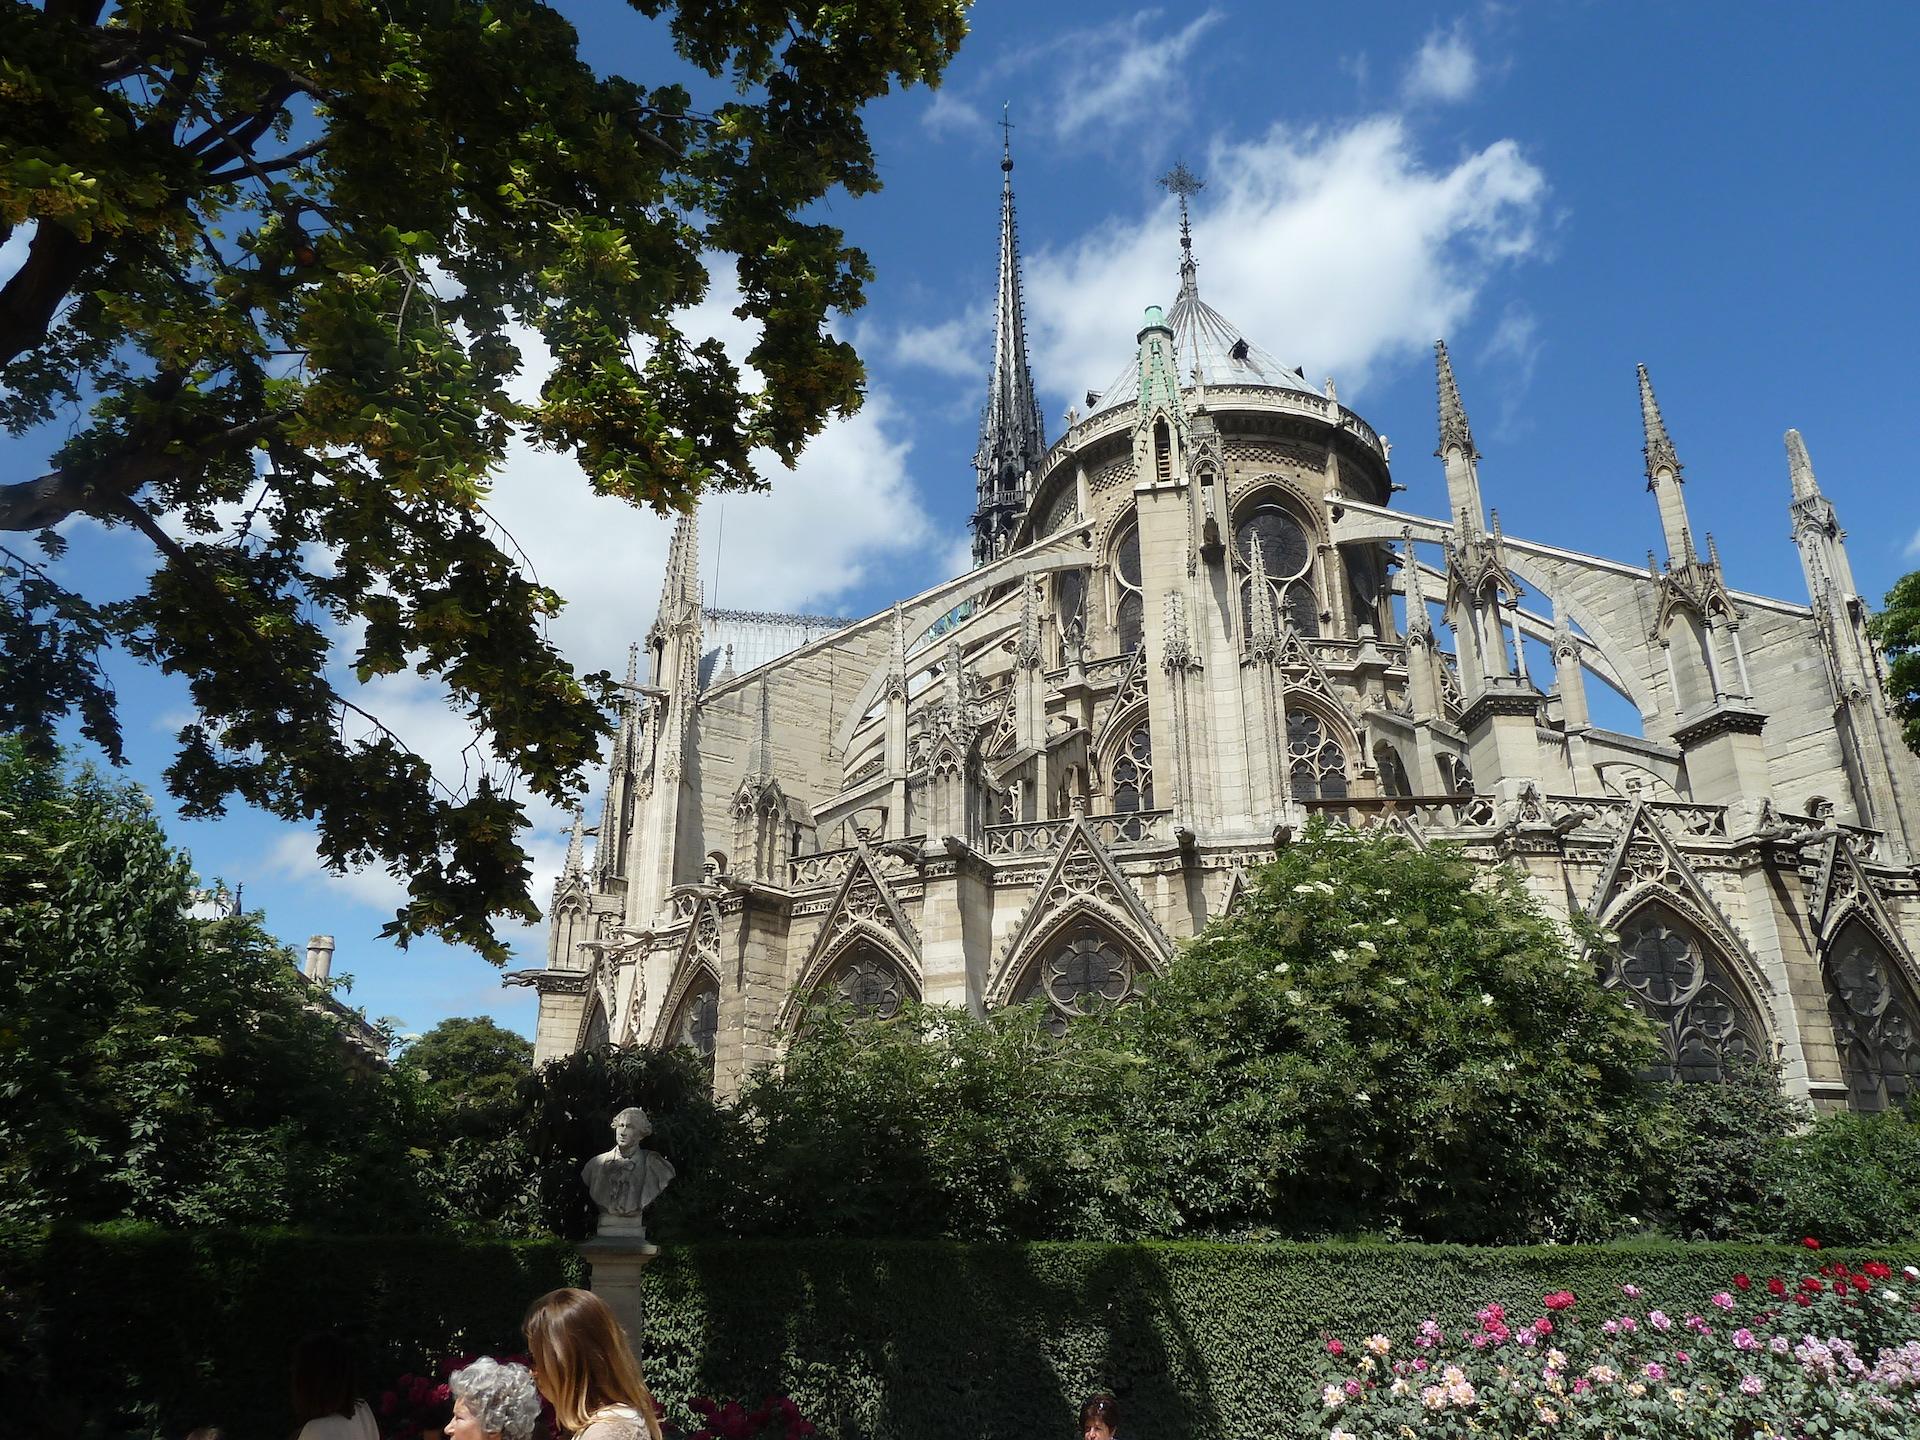 Notre Dame - God's grandest house?